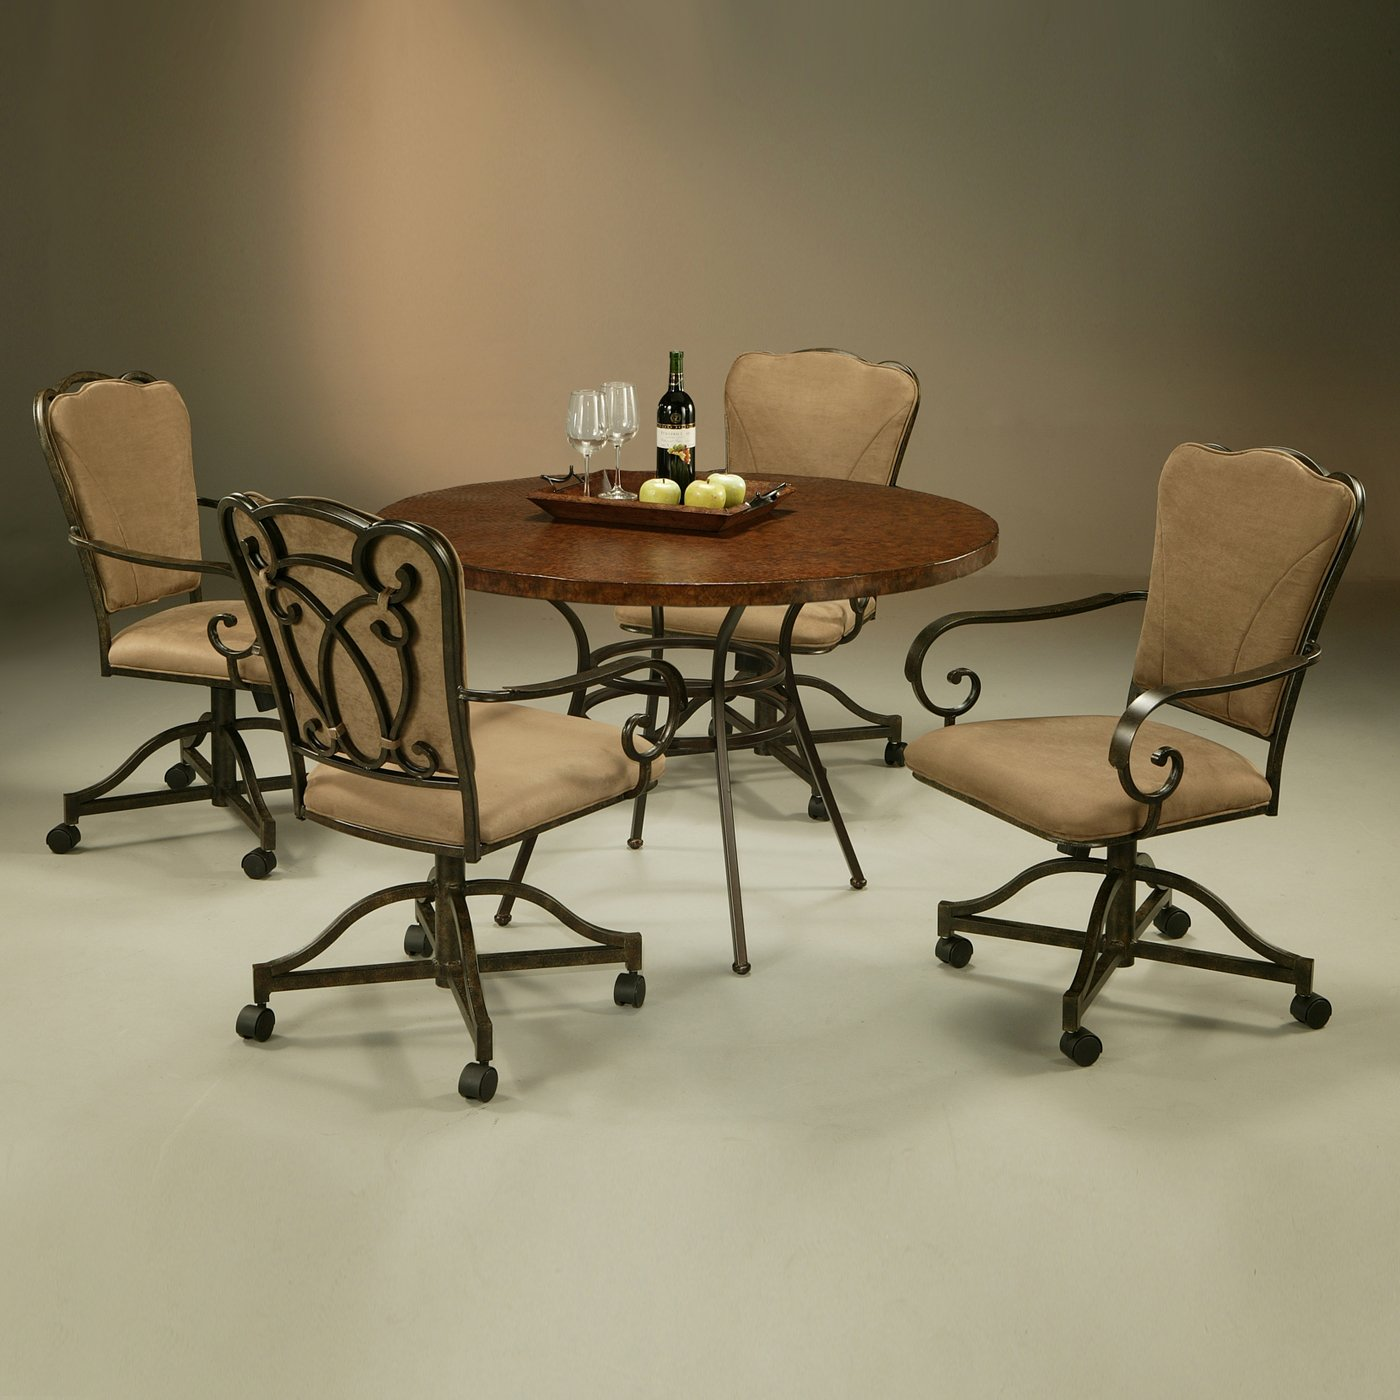 Black wooden kitchen chairs Photo - 8